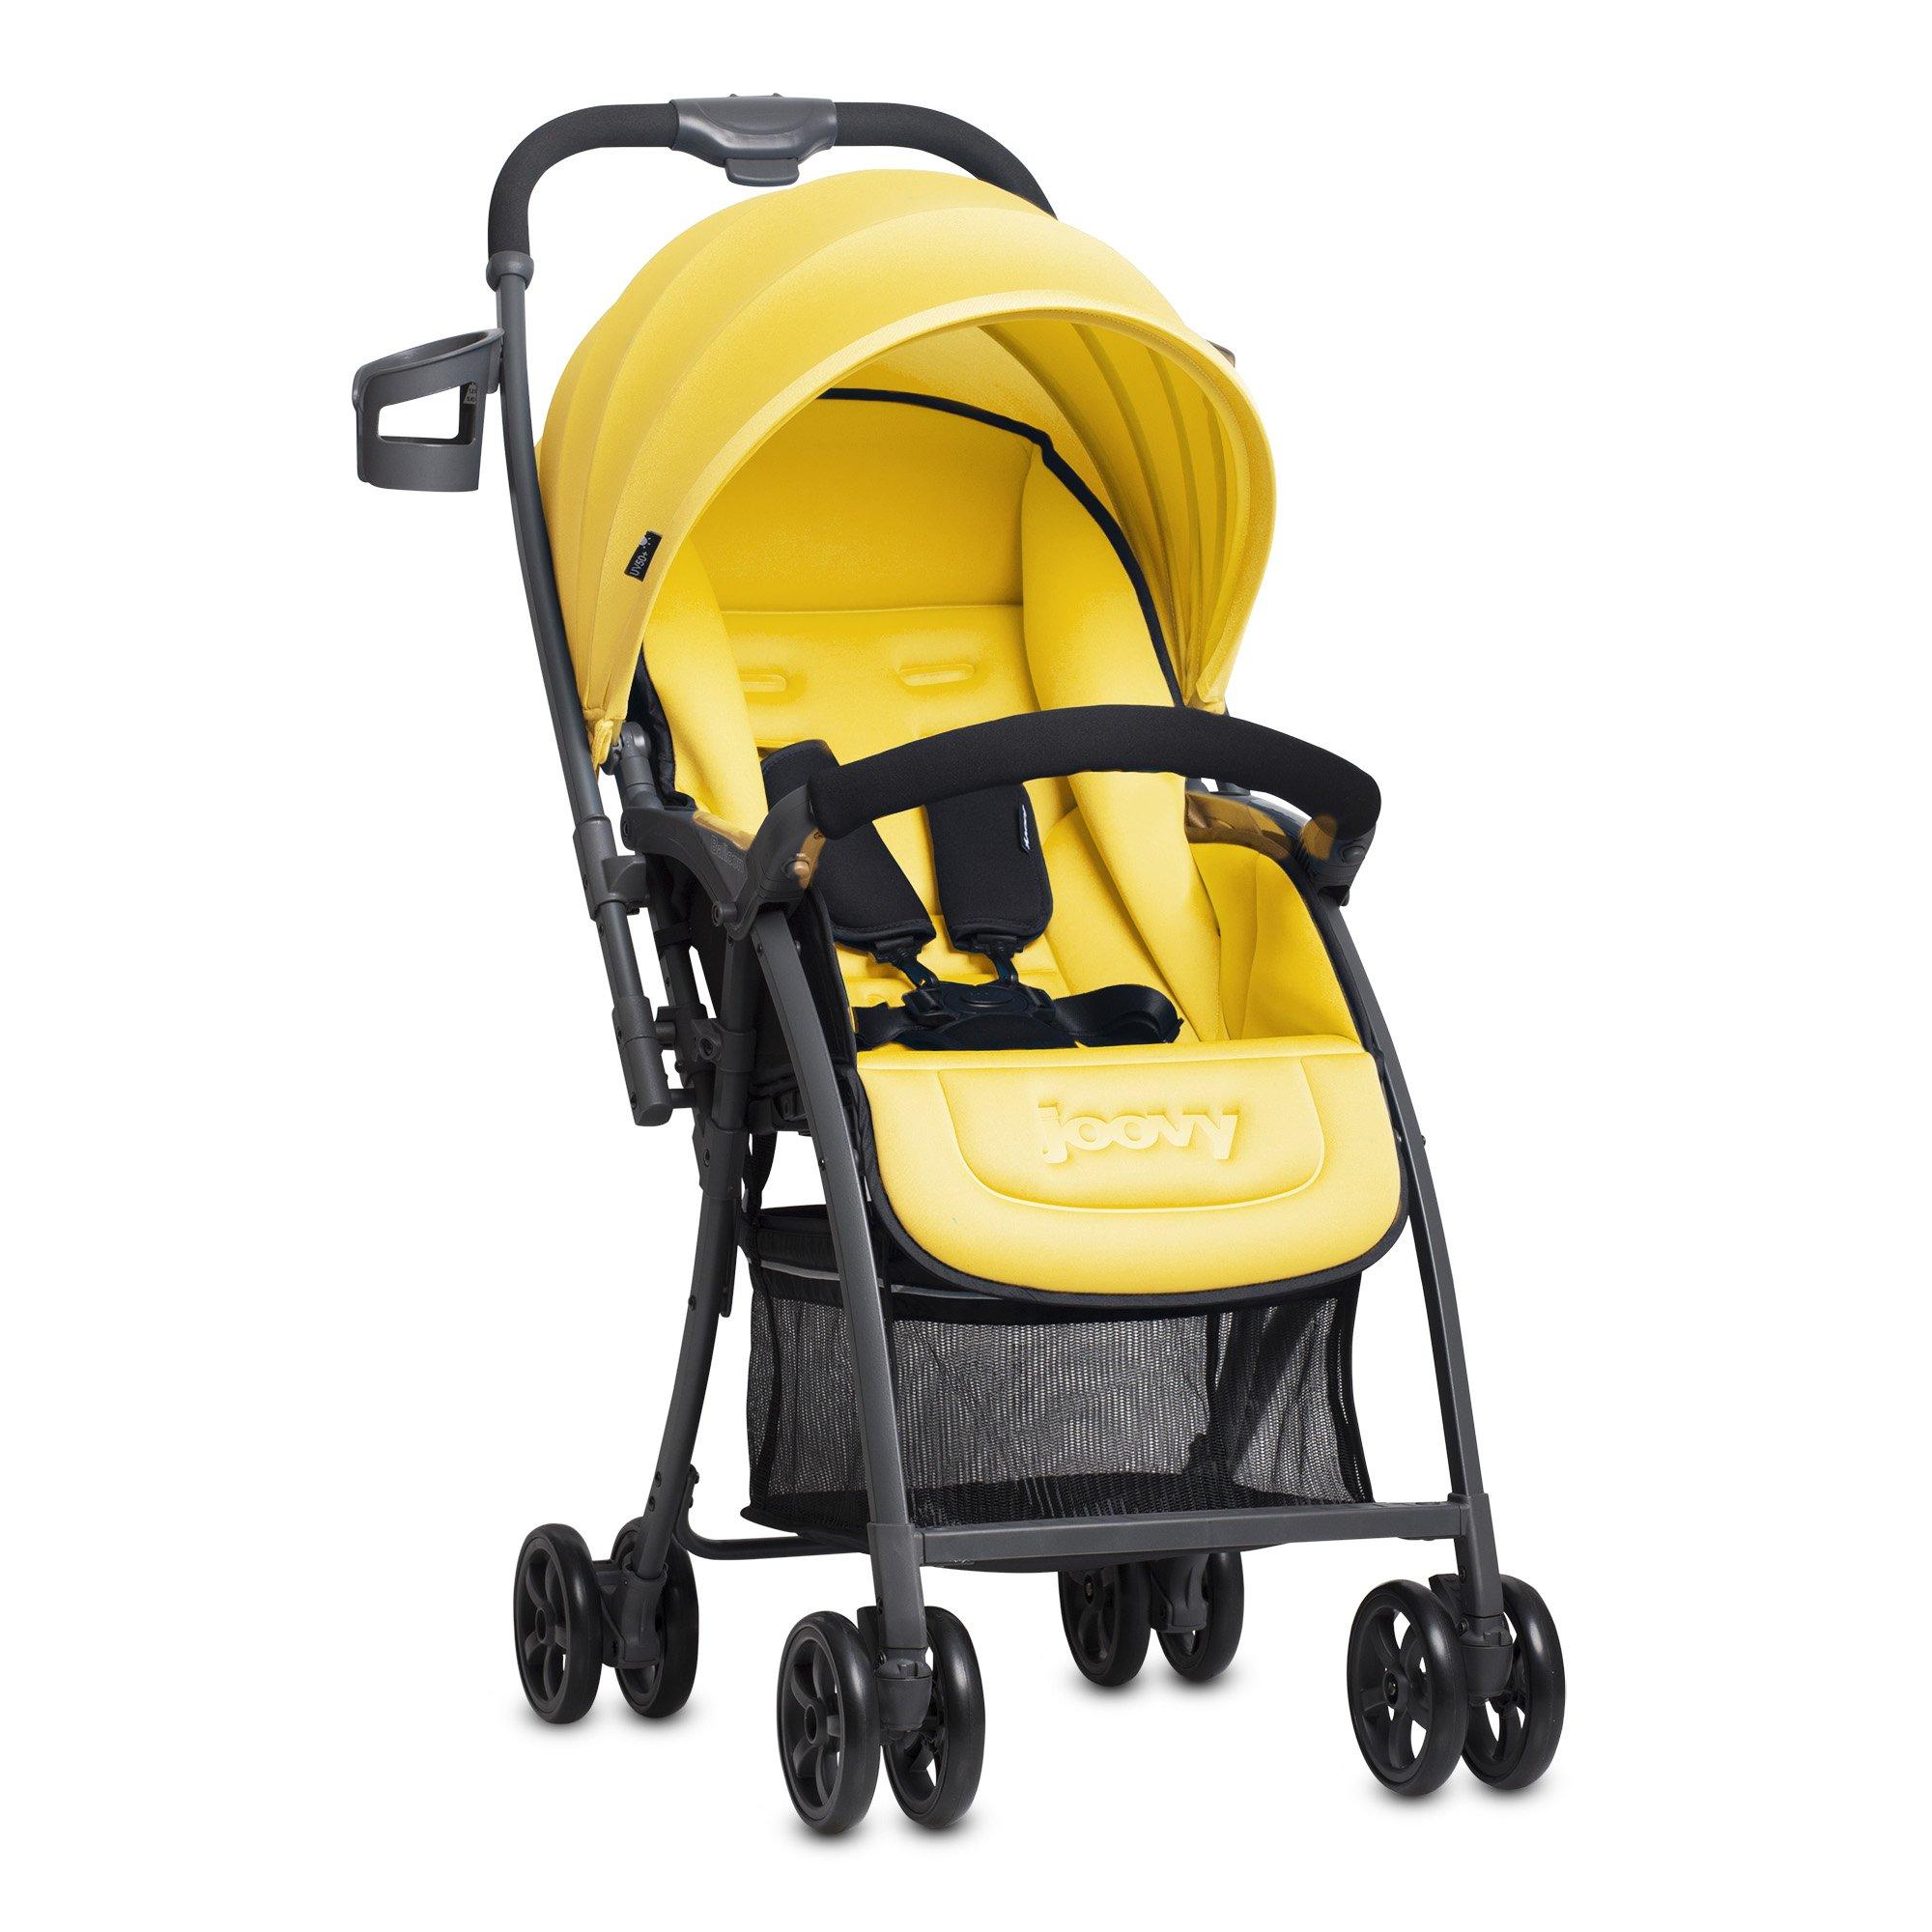 Joovy Balloon Stroller, Yellow by Joovy